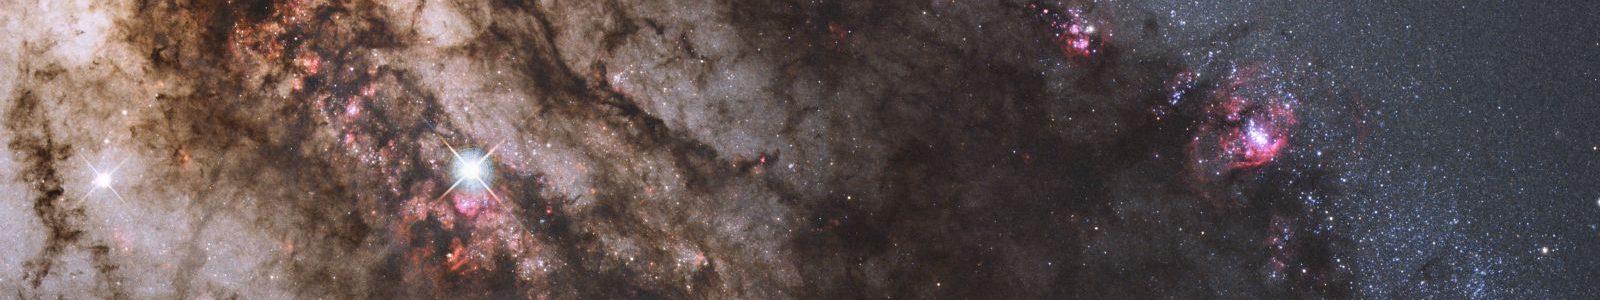 Active Galaxy Centaurus A